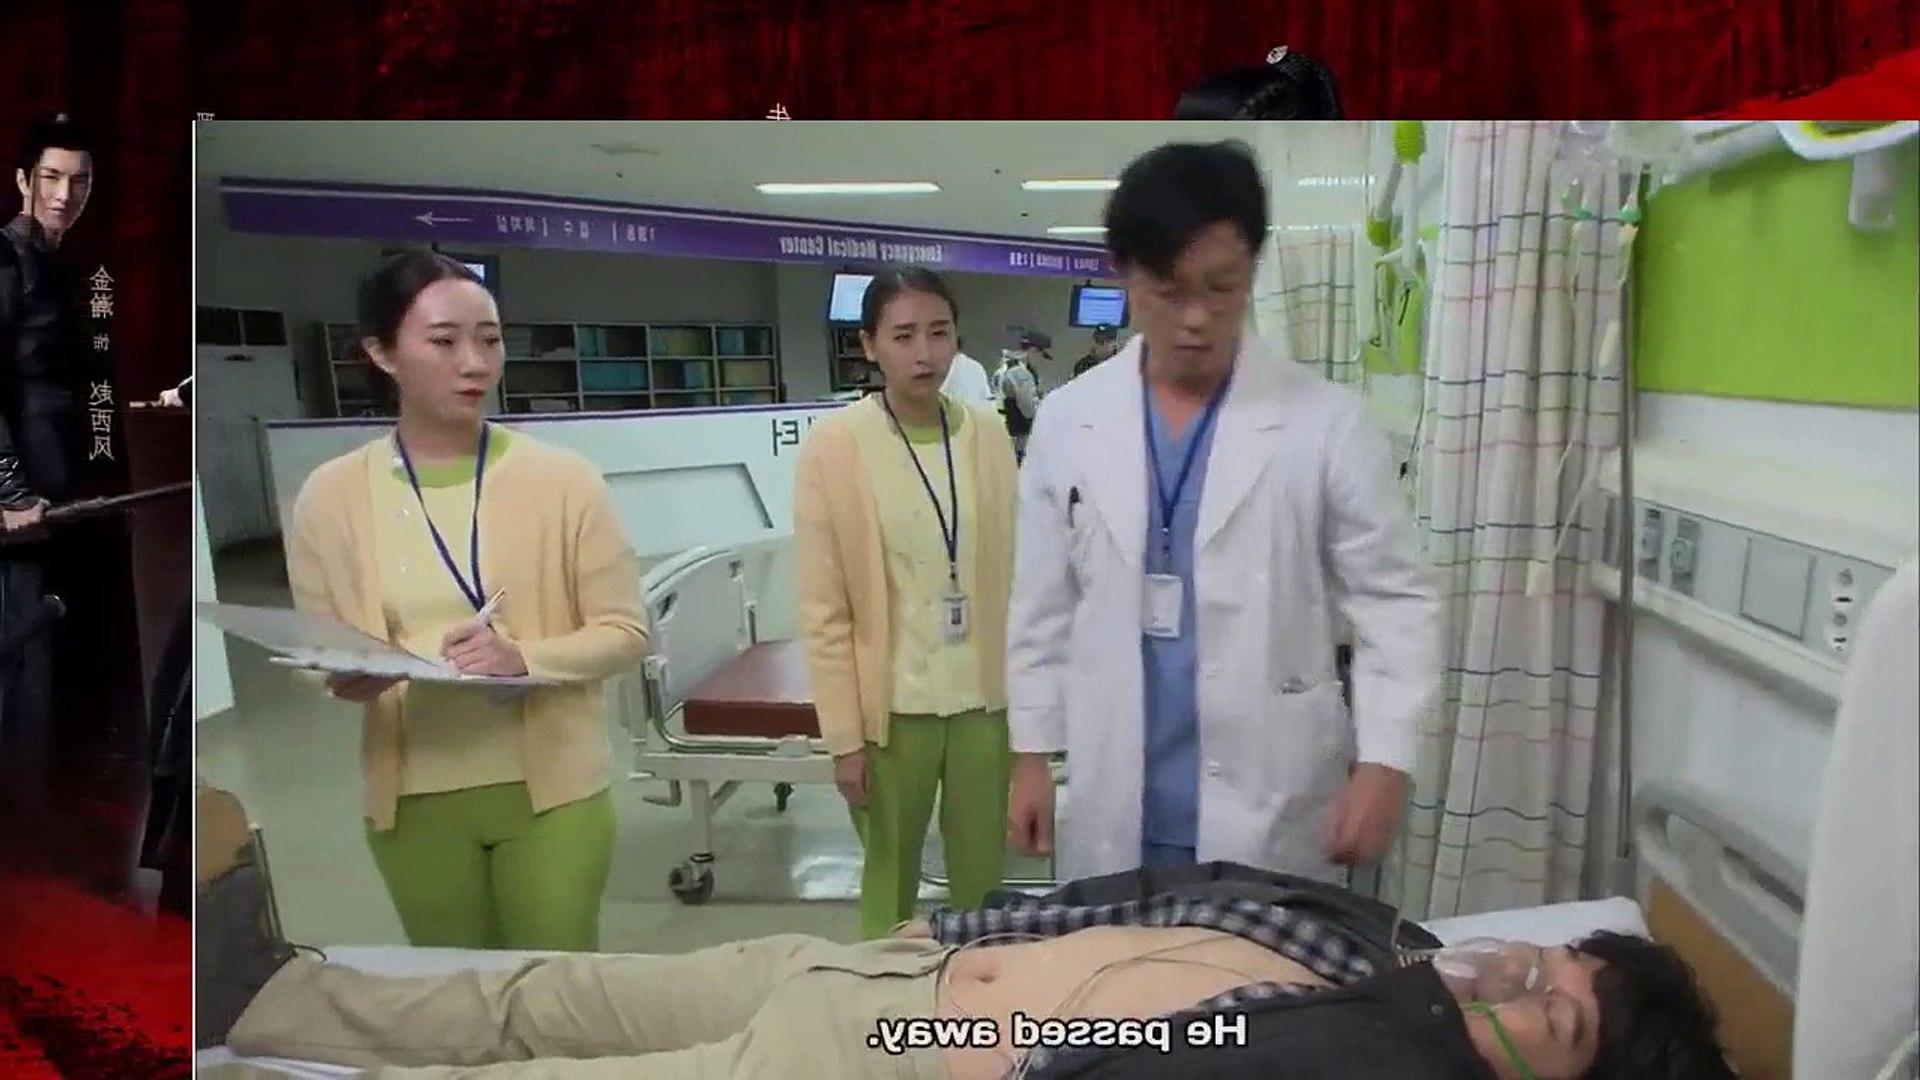 Bí Mật Của Chồng Tôi Tập 68 - Thuyết Minh - Phim Hàn Quốc - Phim Bi Mat Cua Chong Toi Tap 68 - Bi Ma